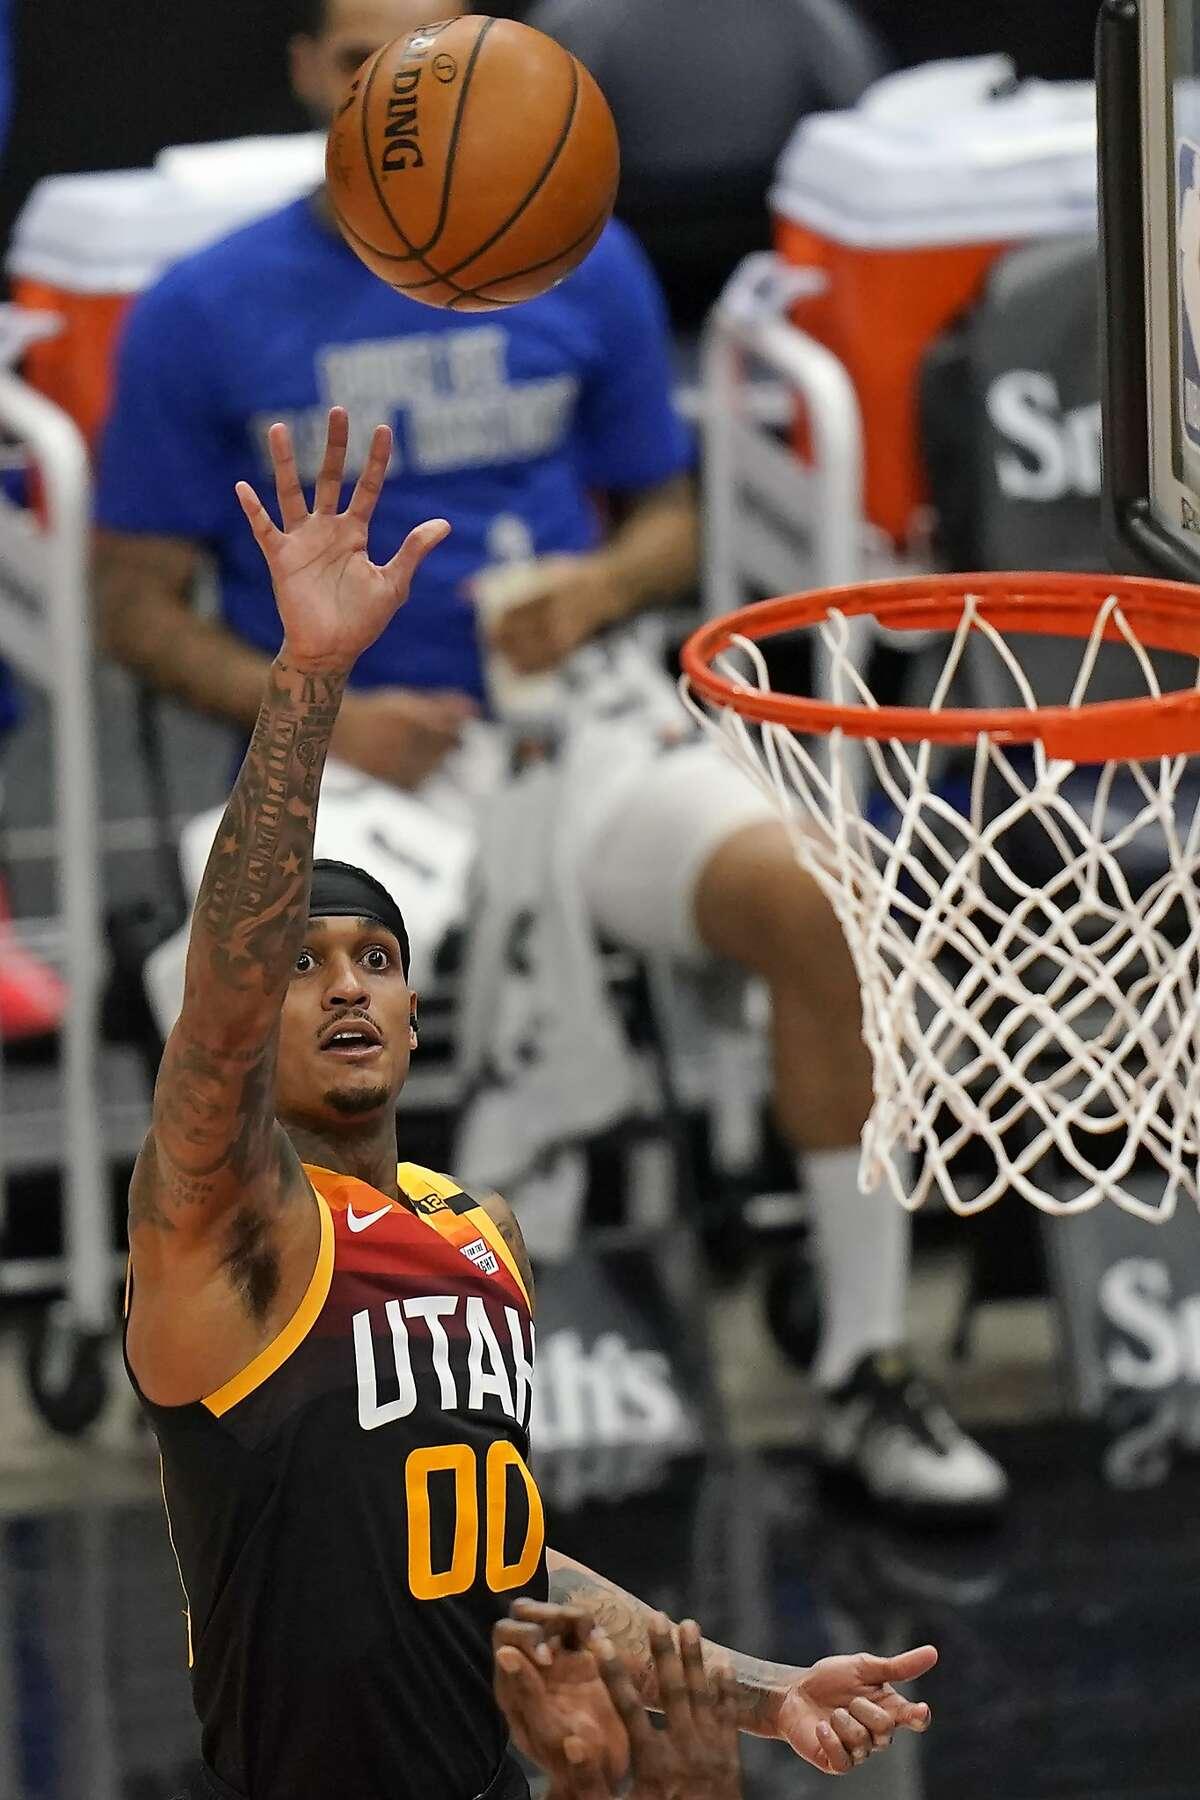 Utah's Jordan Clarkson was 13-for-20 from the floor, including 8-for-13 from 3-point range, as he scored 40 points against Philadelphia.